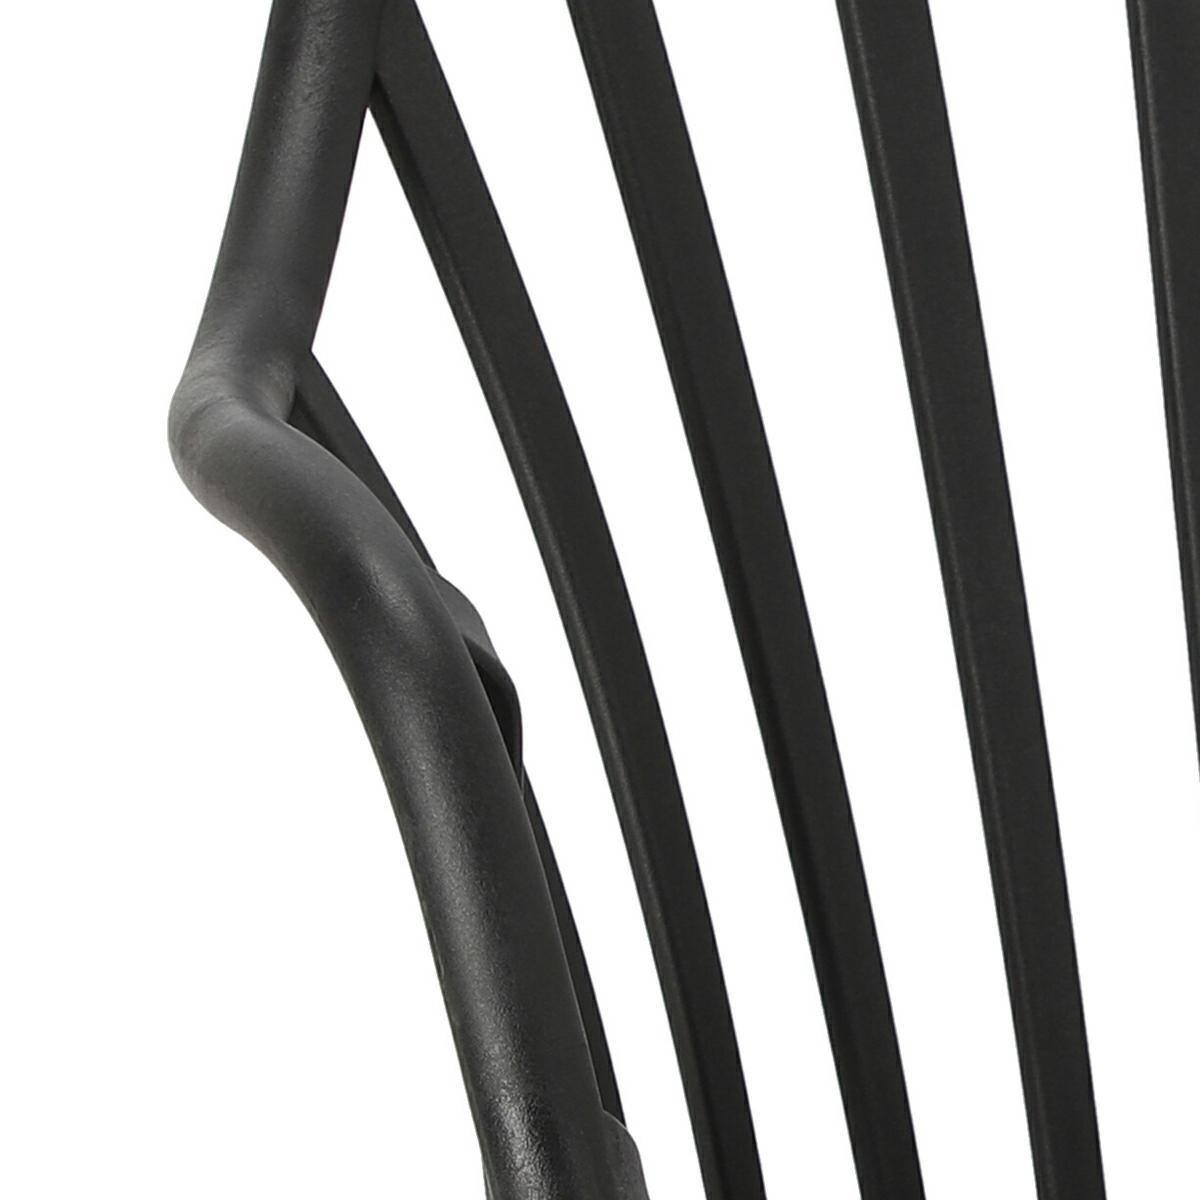 Krzesło Sirena z podłokietnikami czarne - zdjęcie nr 14